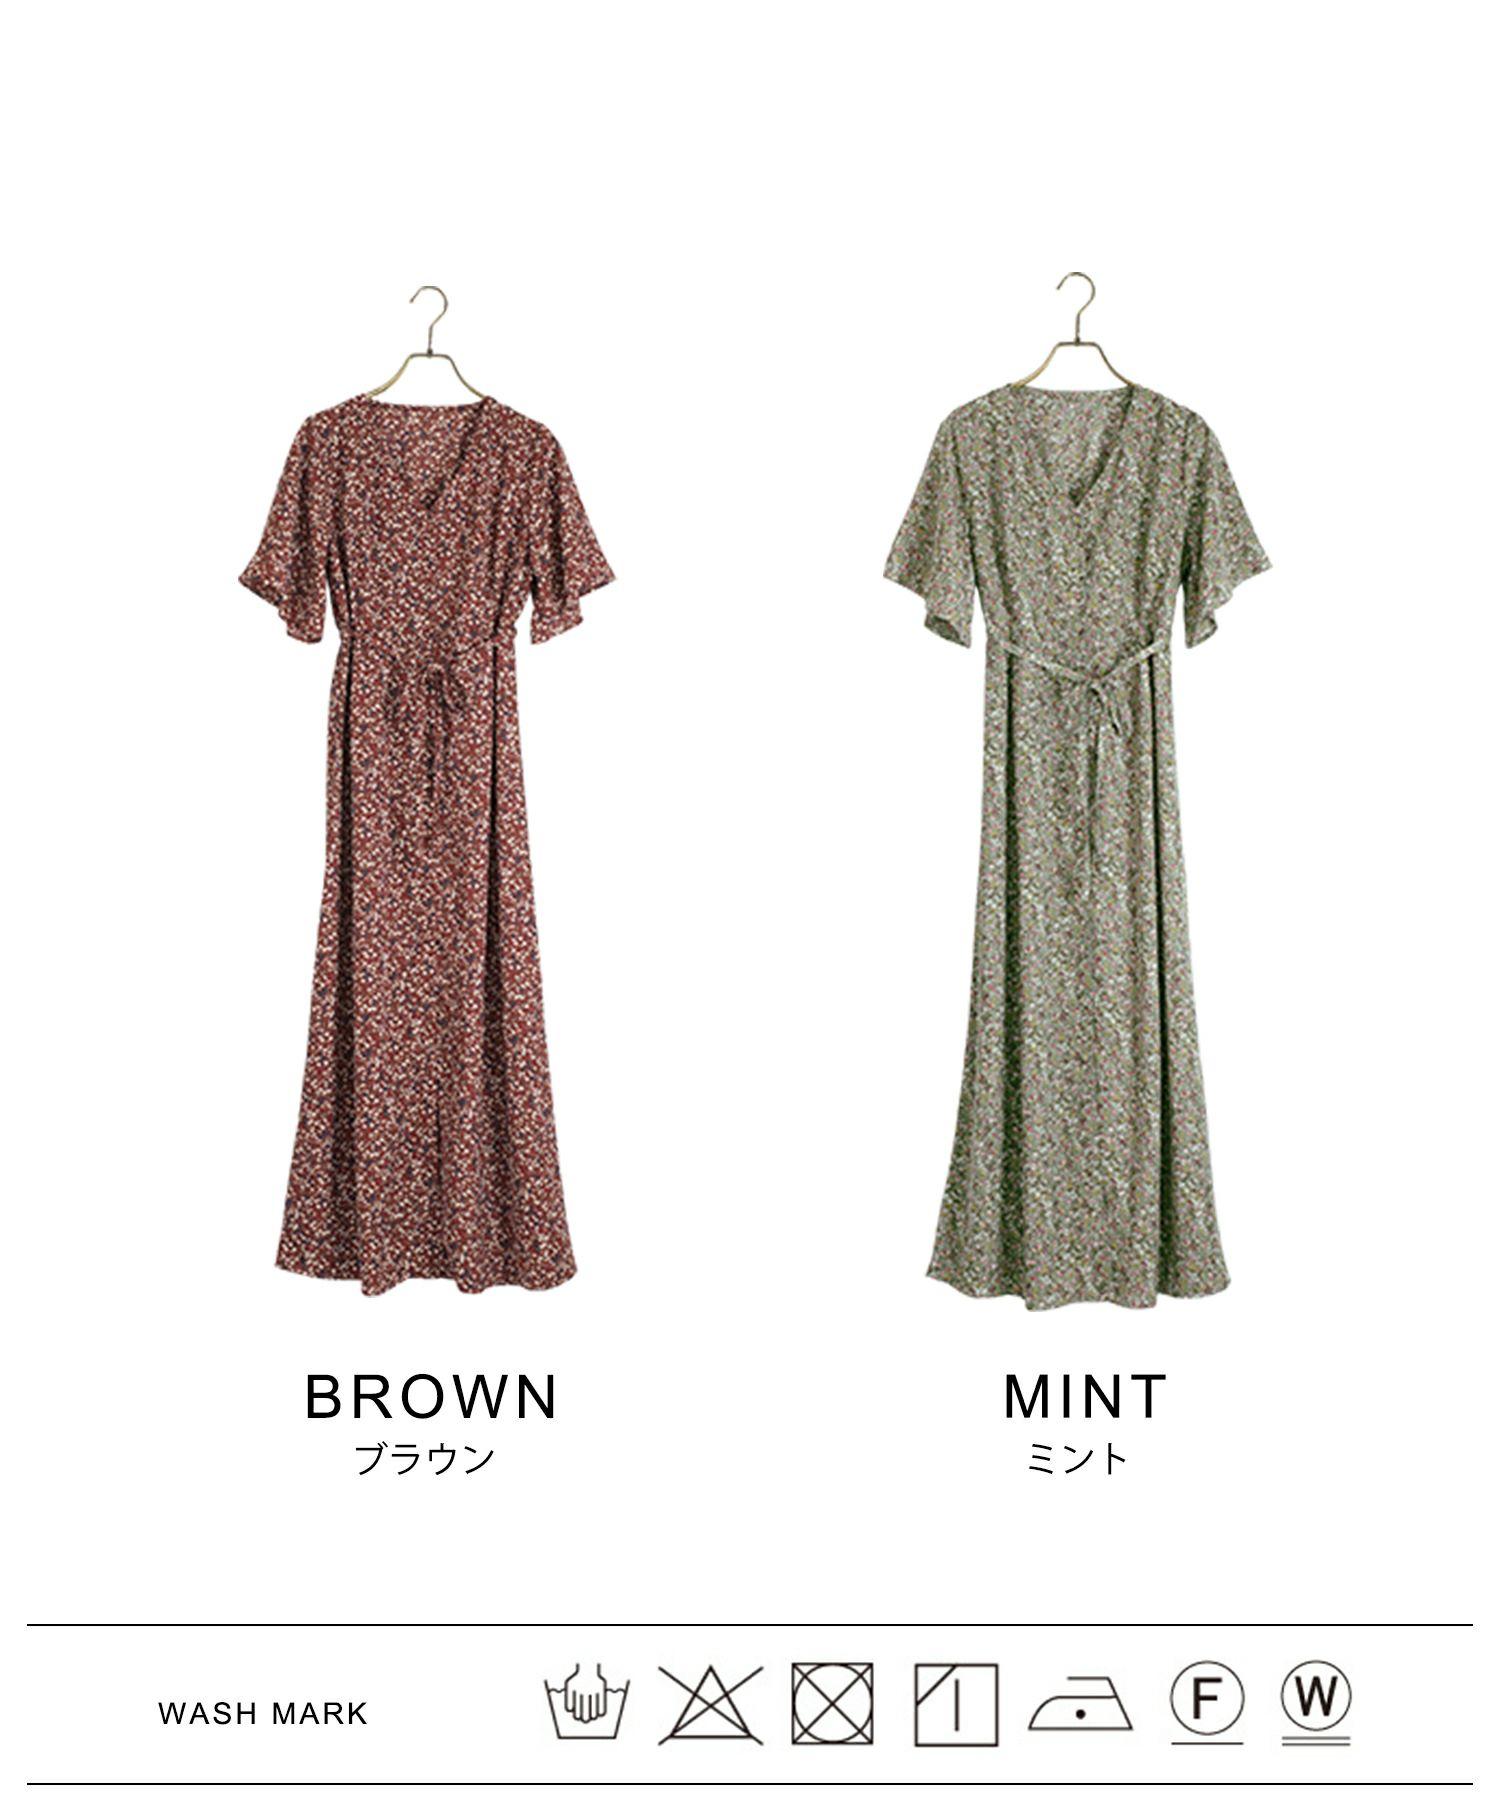 ロングワンピース/小花柄/ブラウン/ミント